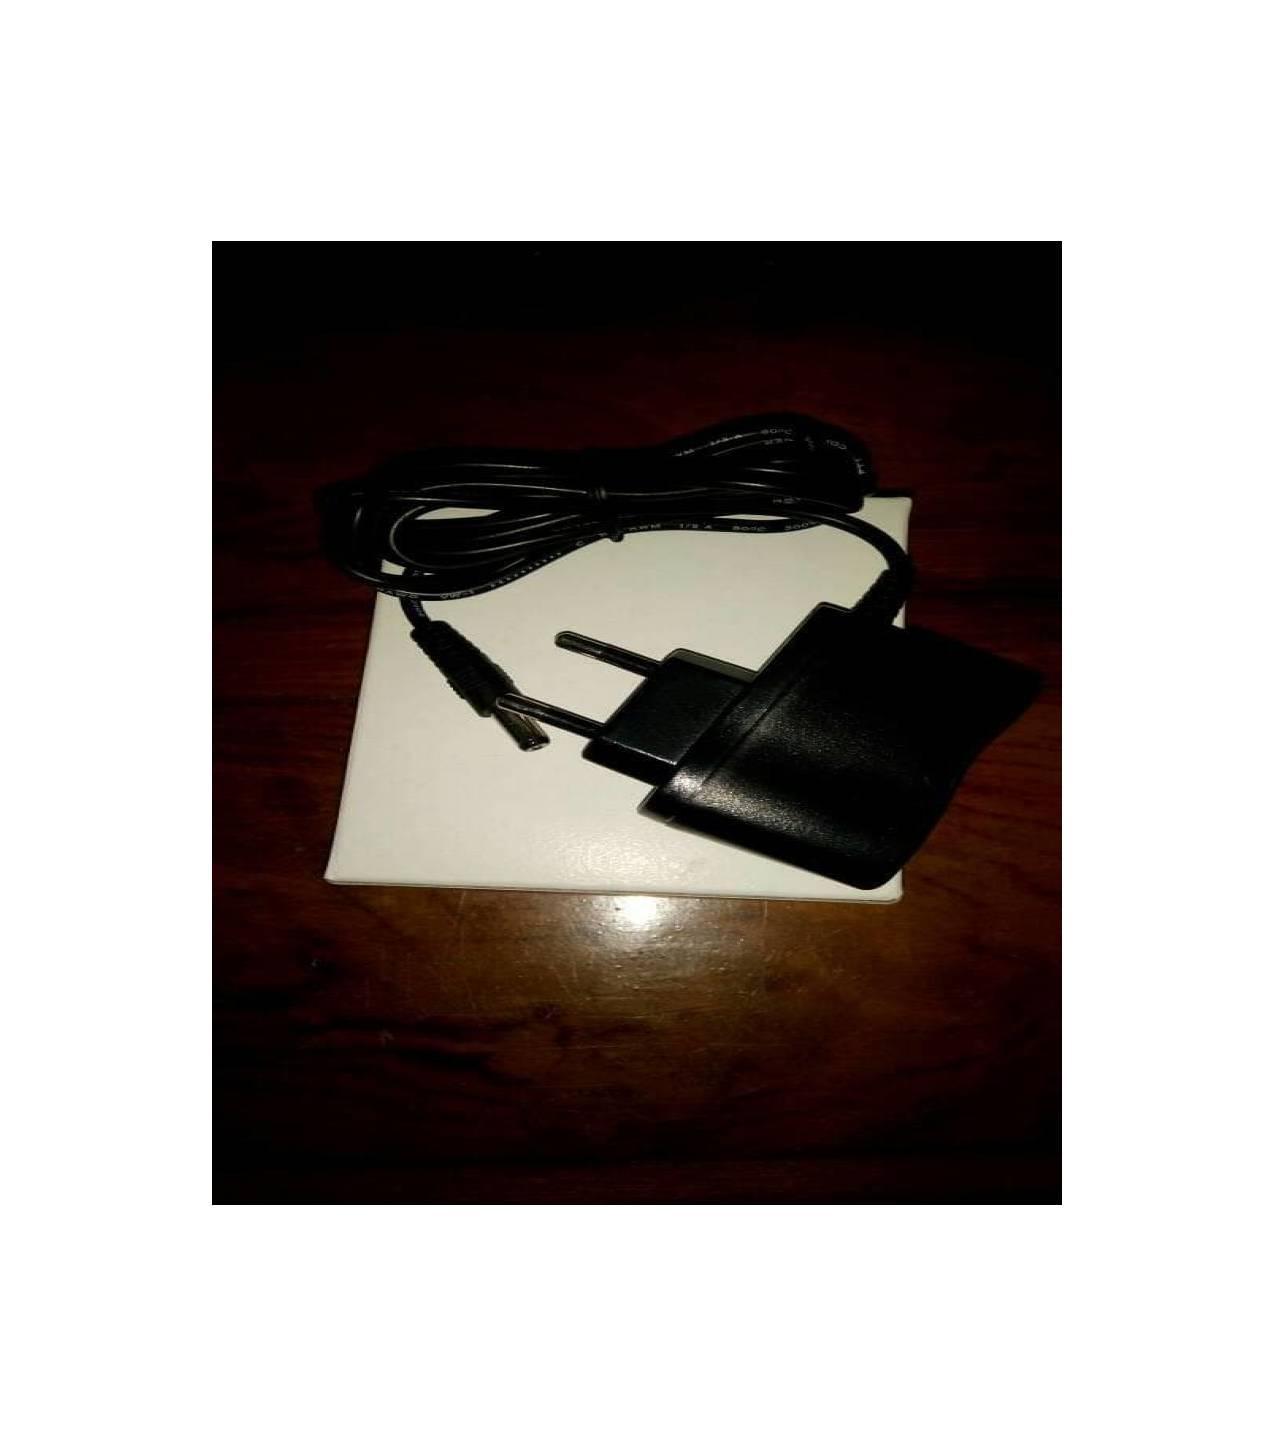 Jual Adaptor Medela Swing Kompatible Pompa Asi Breastpump Breast Pump